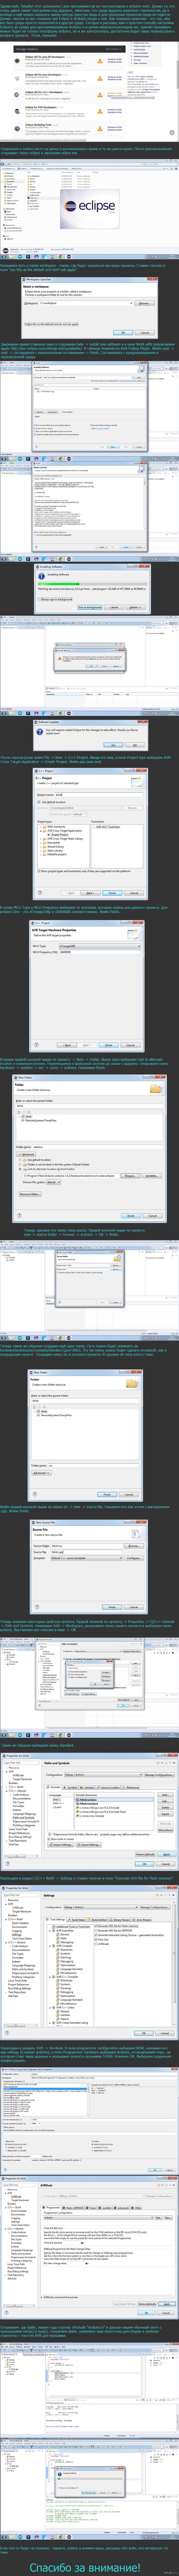 Настройка Eclipse для программирования AVR контроллеров и платформы Arduino Один из наиболее простых способов настроить Eclipse для написания программ для платформы arduino